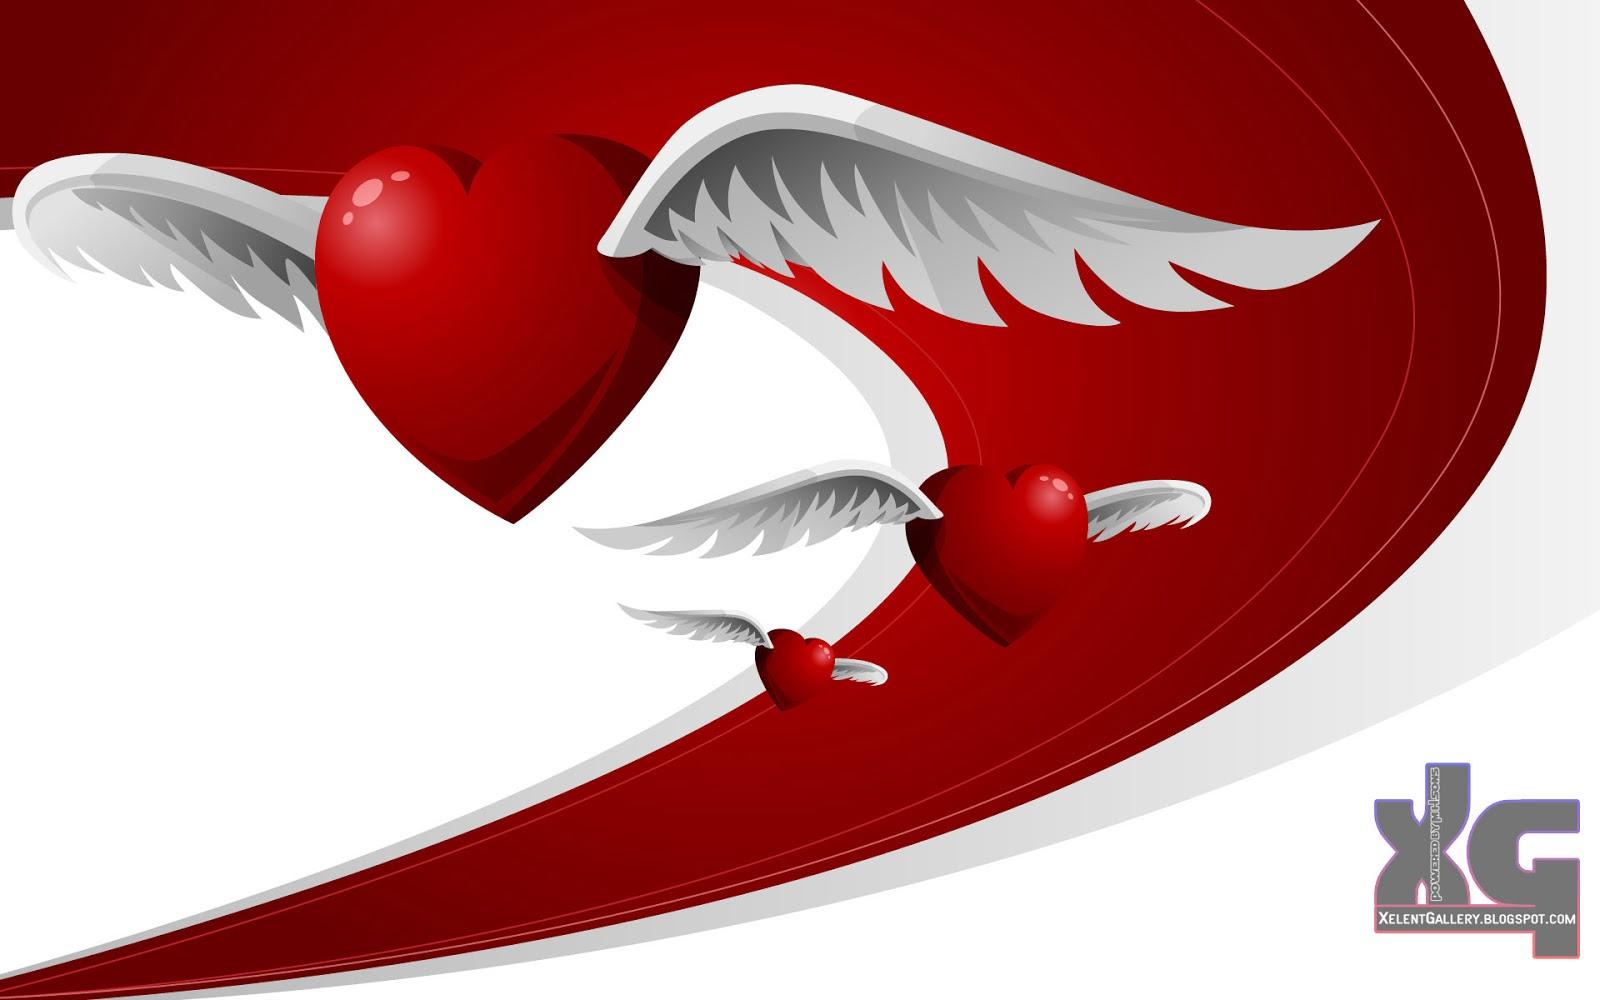 http://1.bp.blogspot.com/-stzuTRW2V58/UNiT5uFzakI/AAAAAAAAB44/hMB8AES-KXg/s1600/Heart+HD+Widescreen+Wallpapers+Pack+(13).JPG